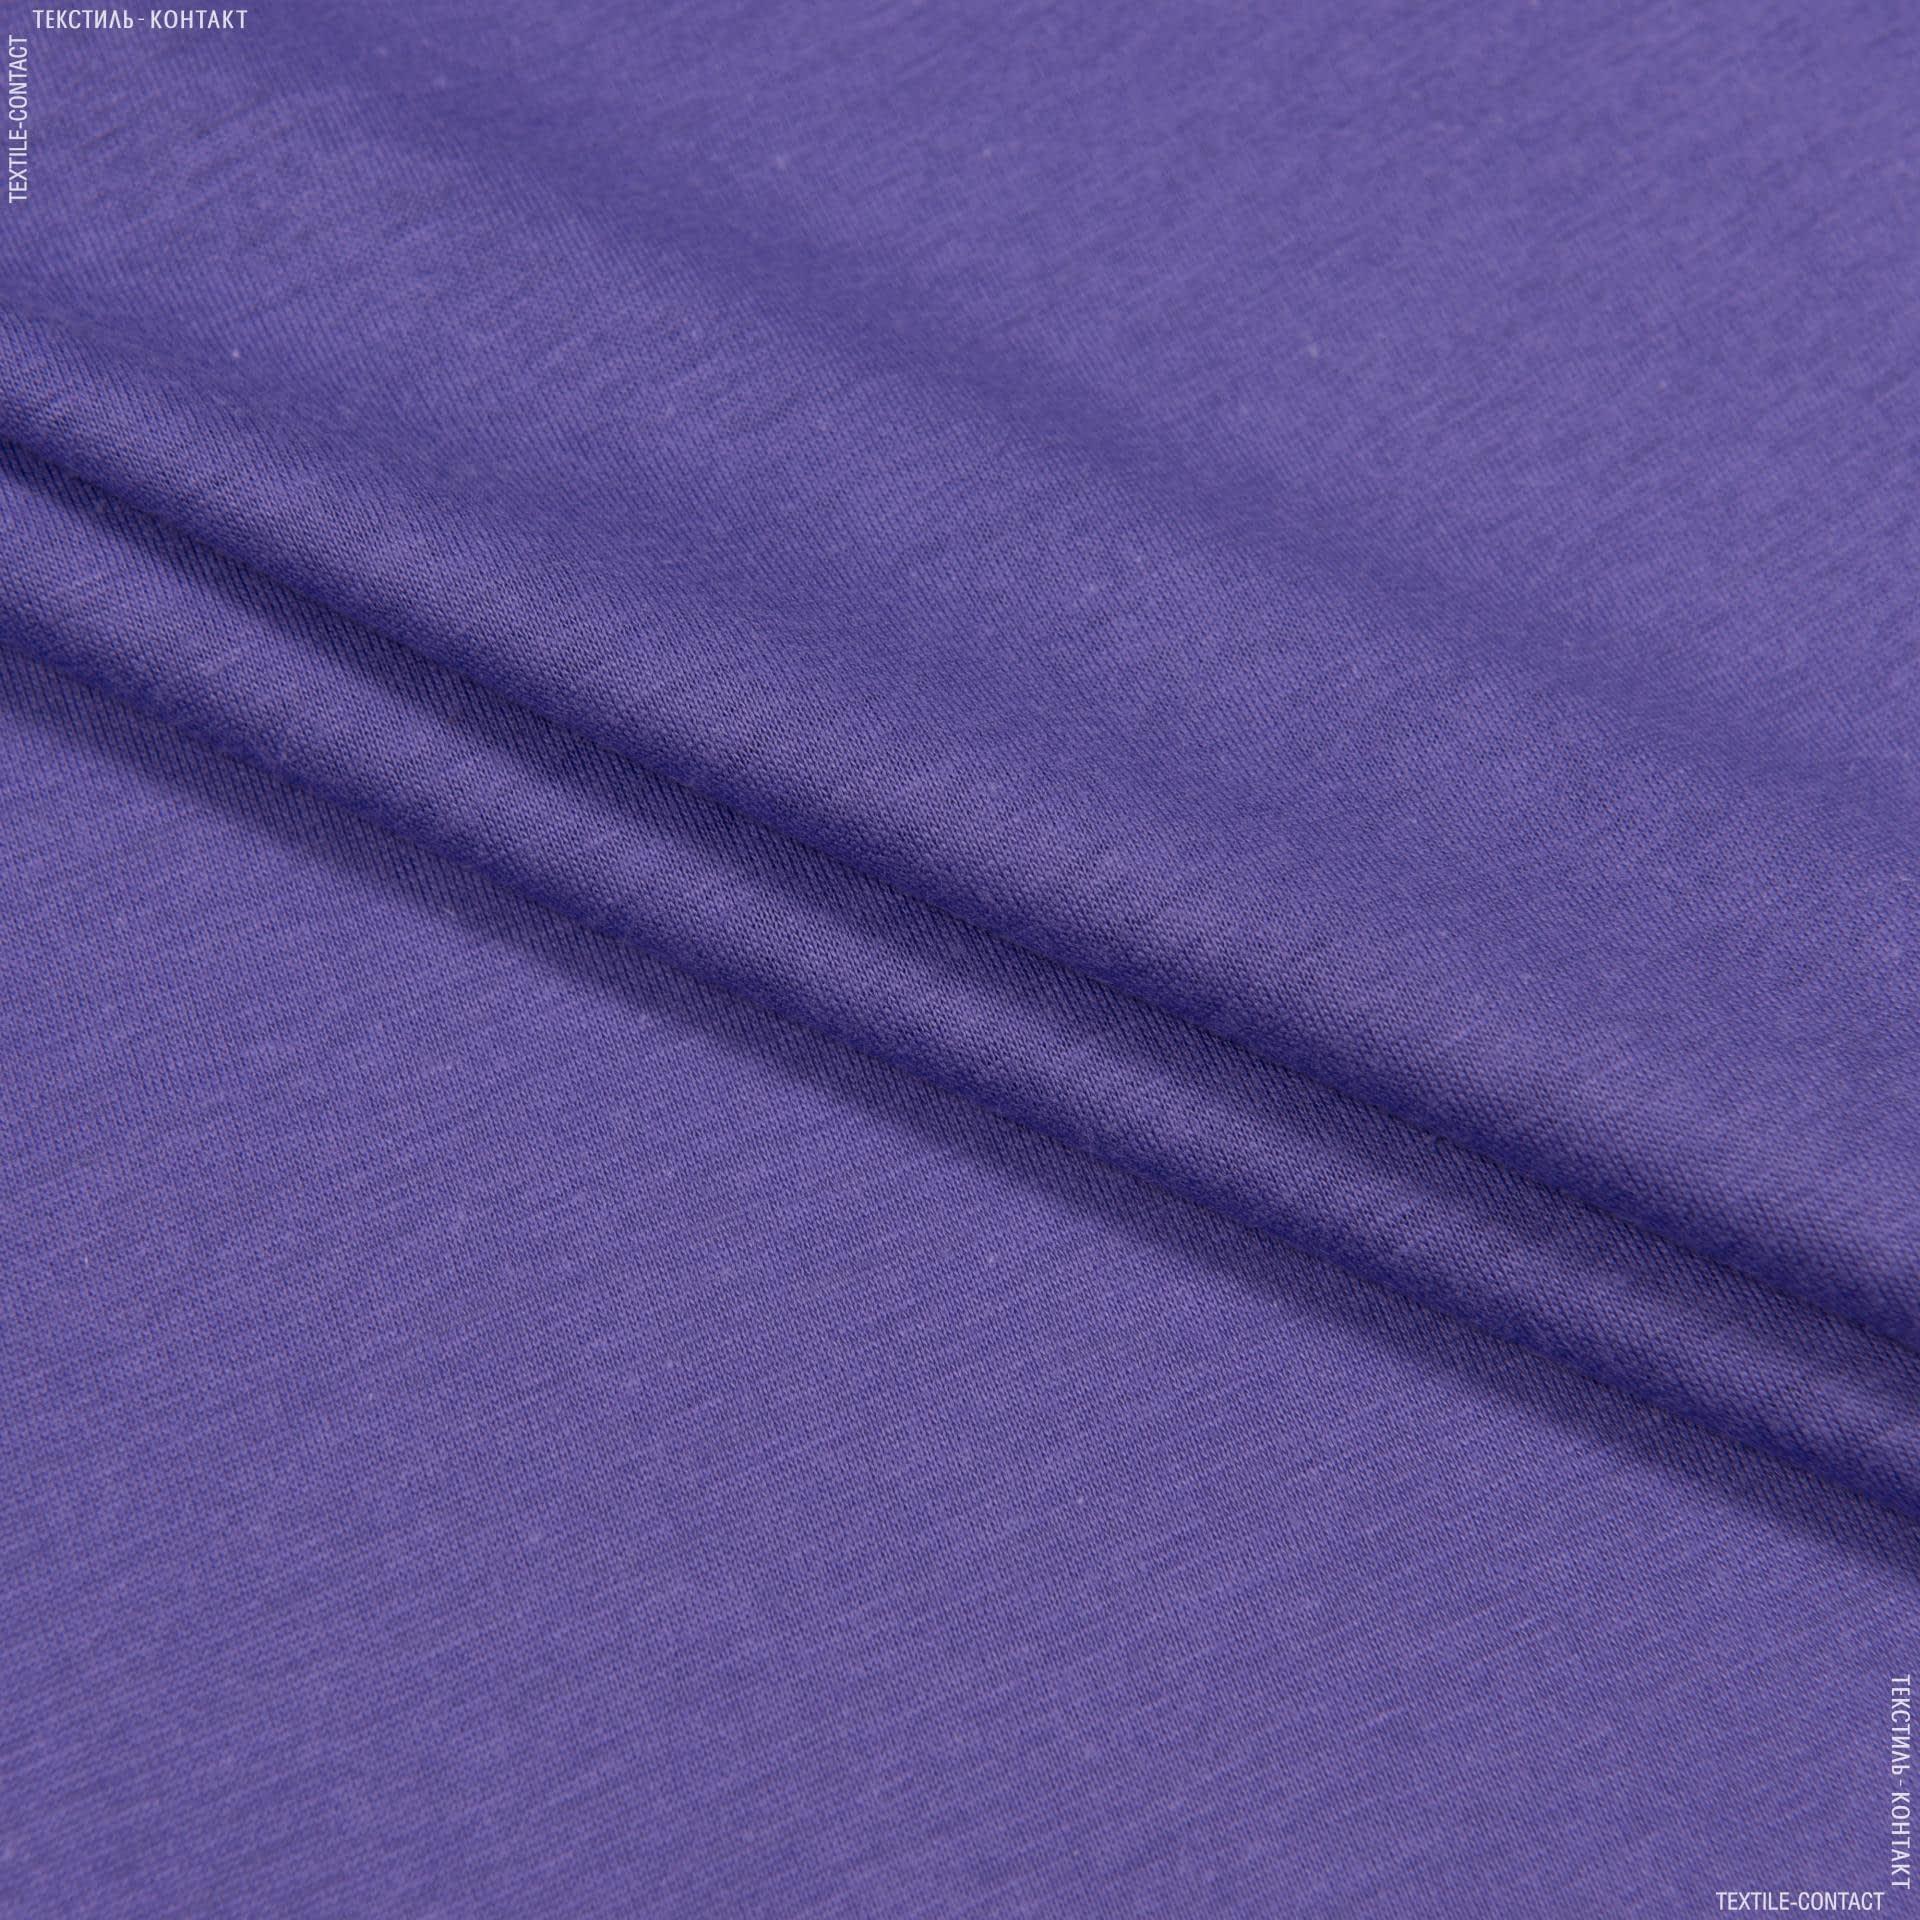 Ткани подкладочная ткань - Трикотаж подкладочный сиреневый